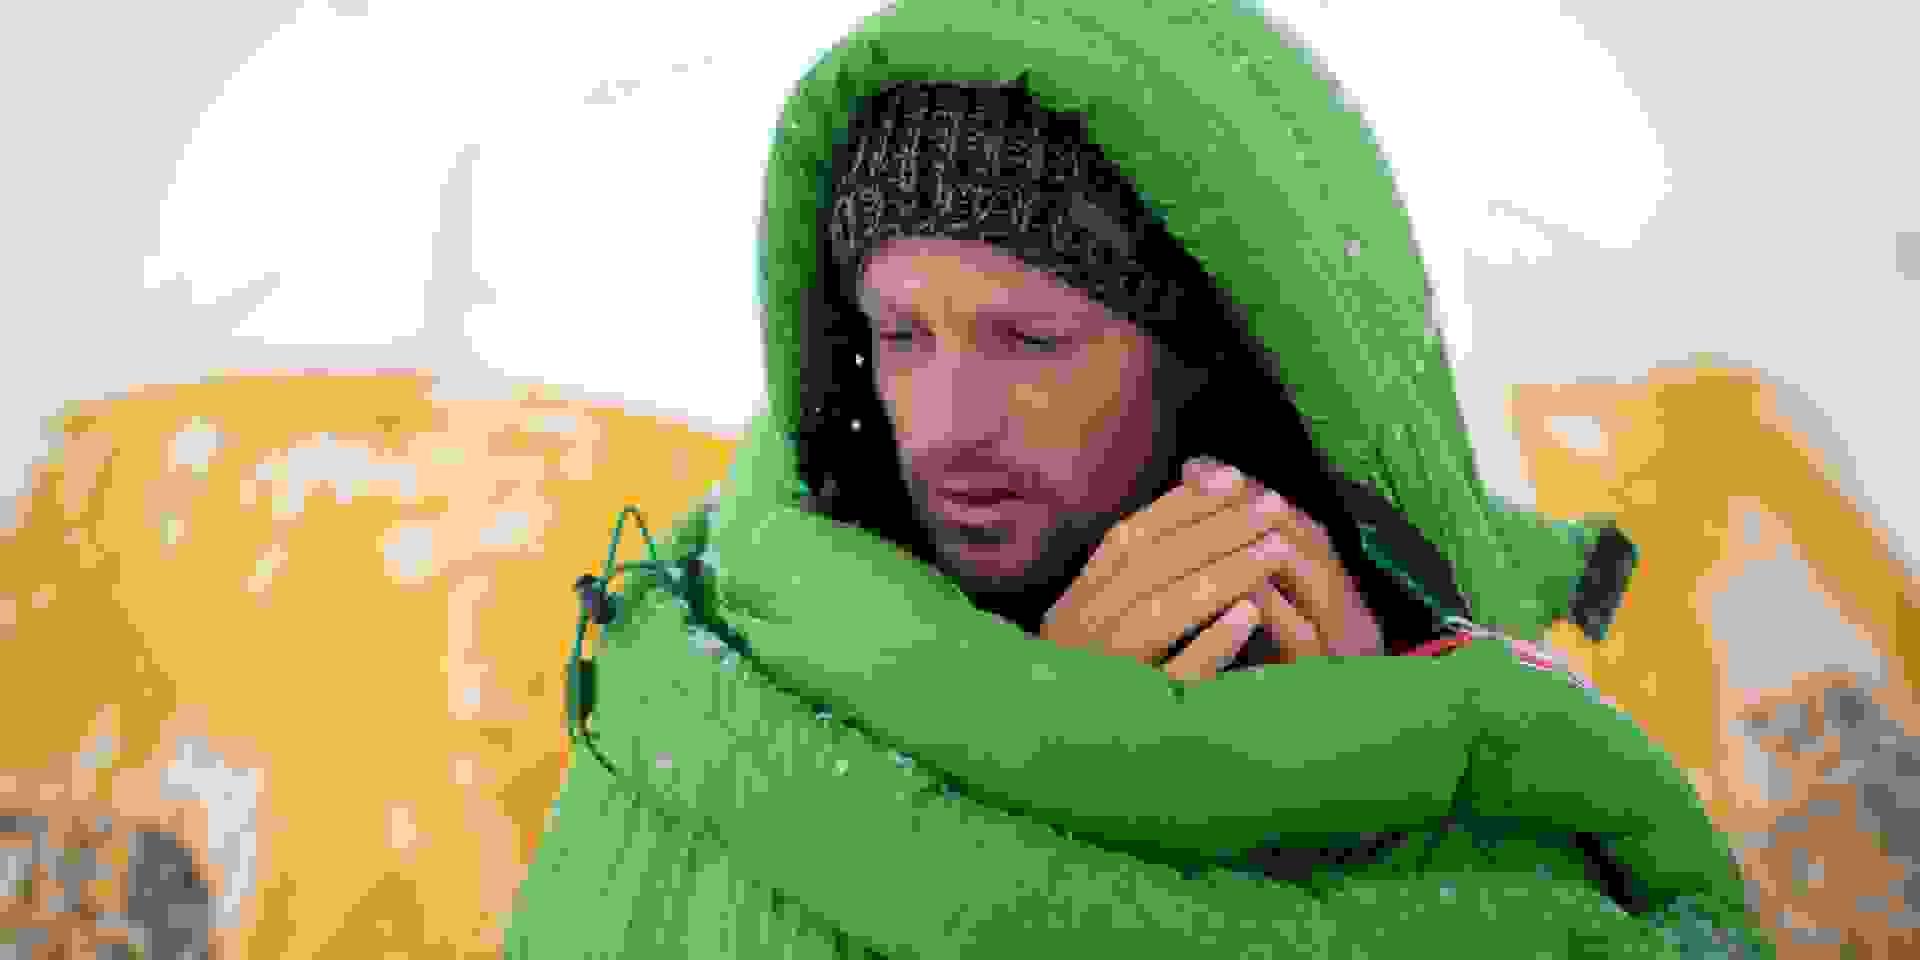 Ein Mann steht in verschneiter Landschaft in einem sehr warmen Schlafsack vor seinem Zelt